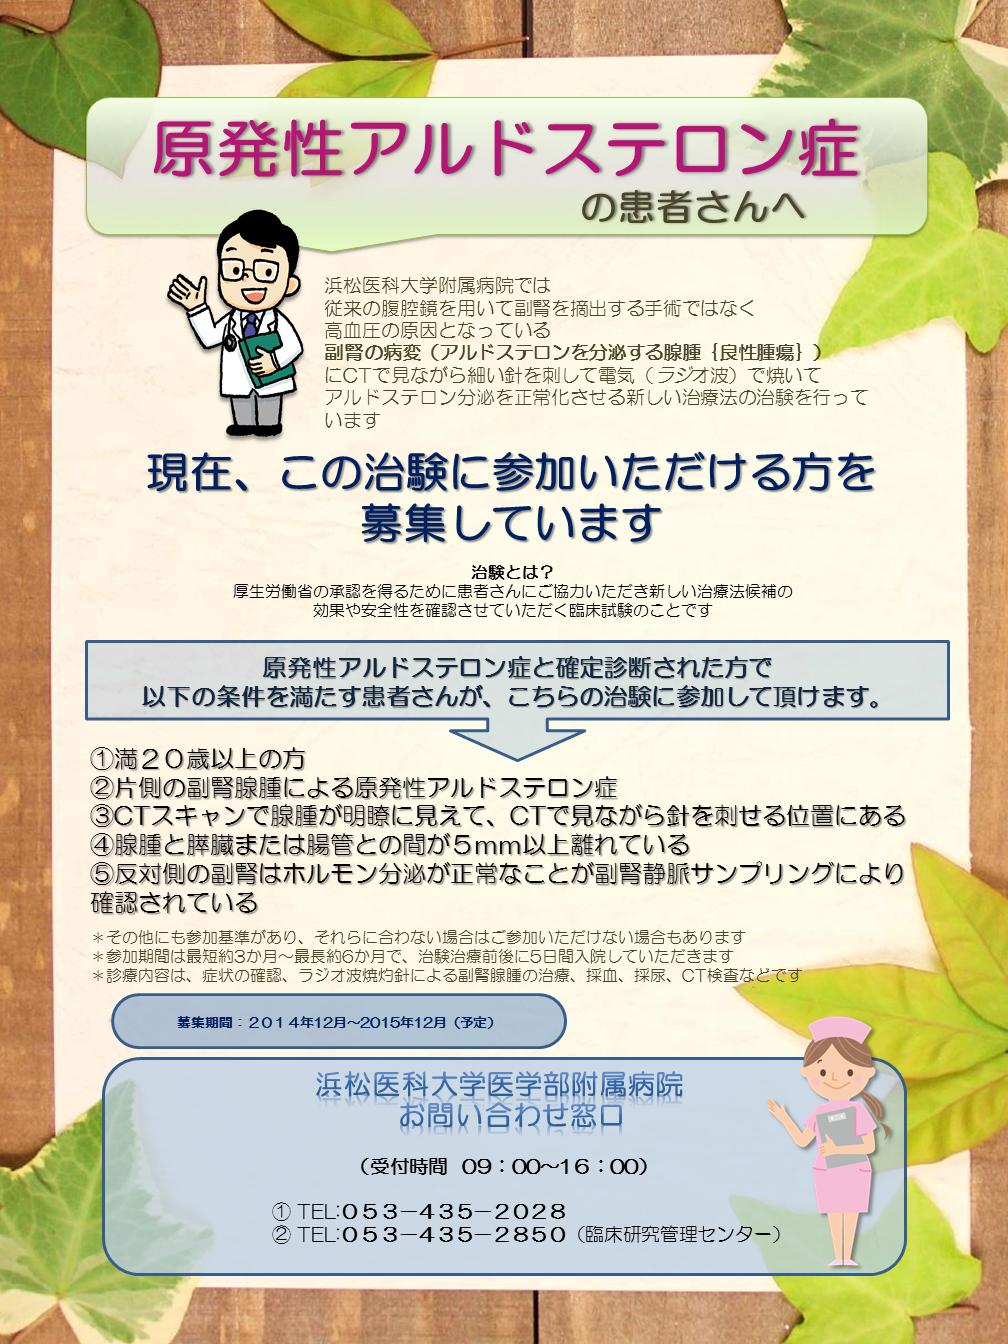 アルドステロン 症 性 手術 原発